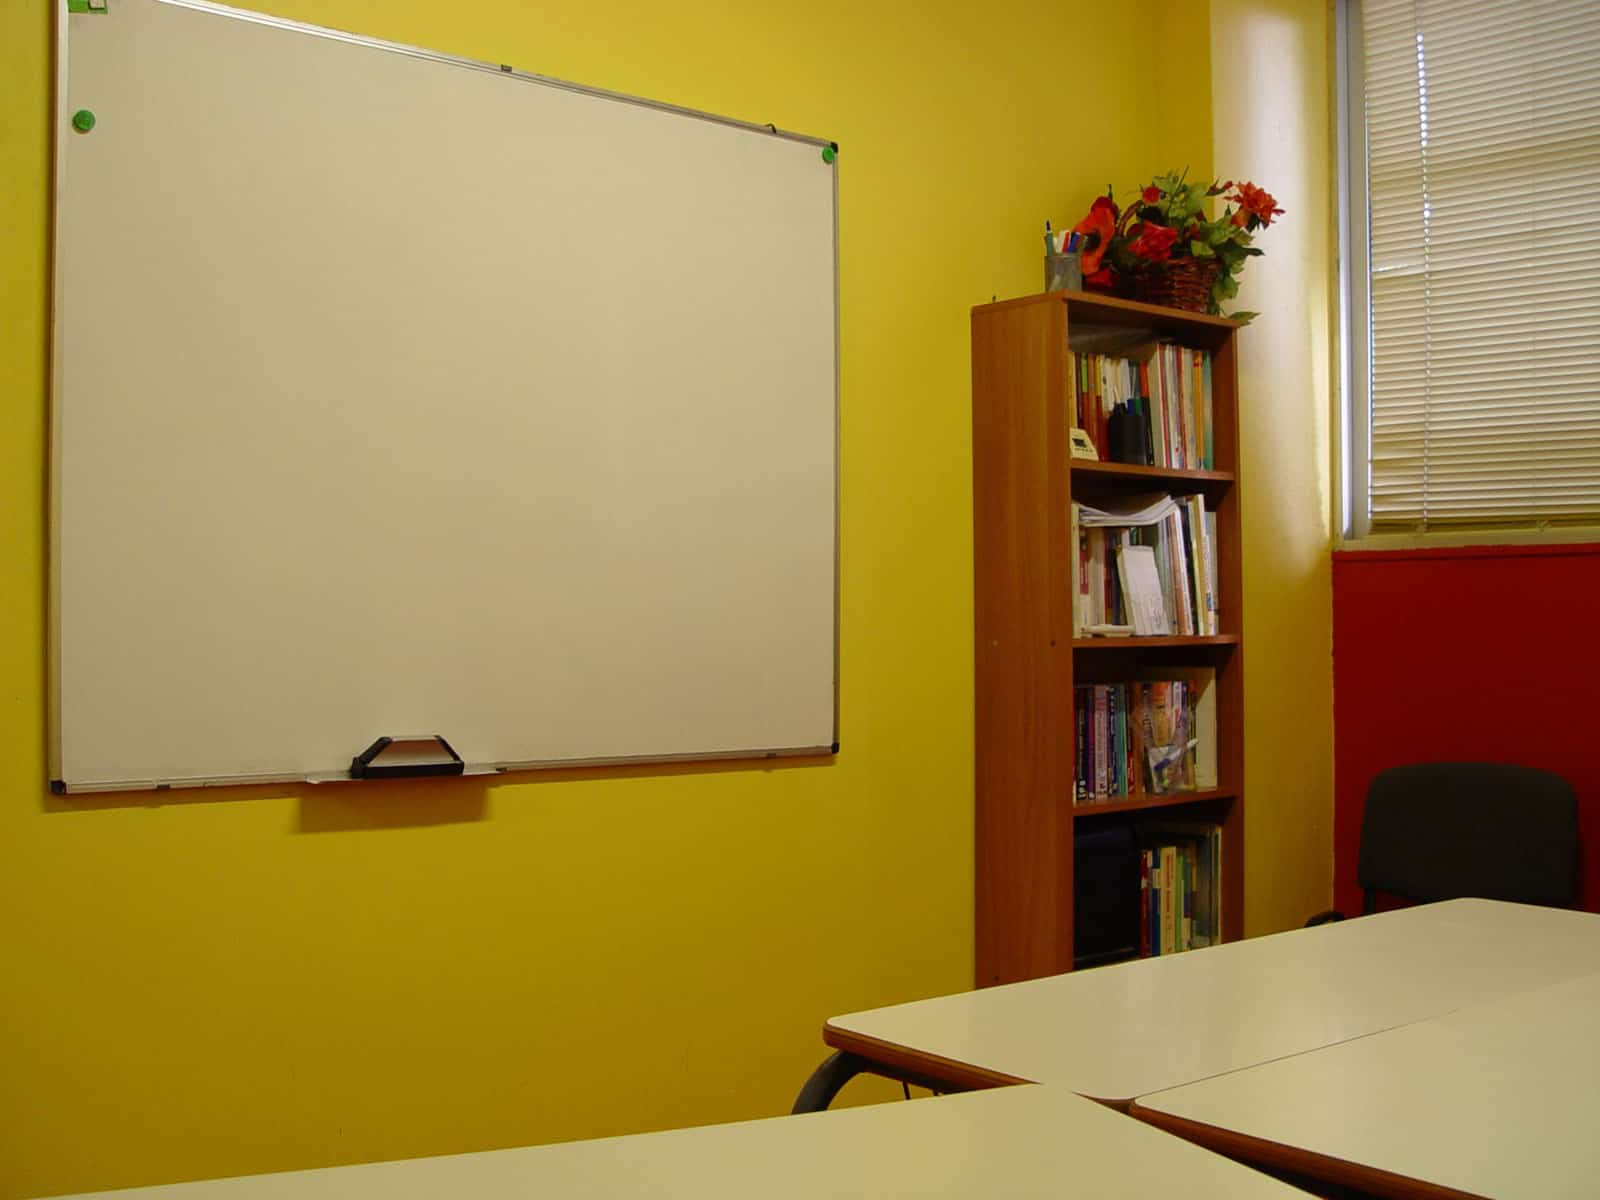 φροντιστήριο ΚΟΥΦΟΠΟΥΛΟΥ αίθουσα 2-5 ατόμων